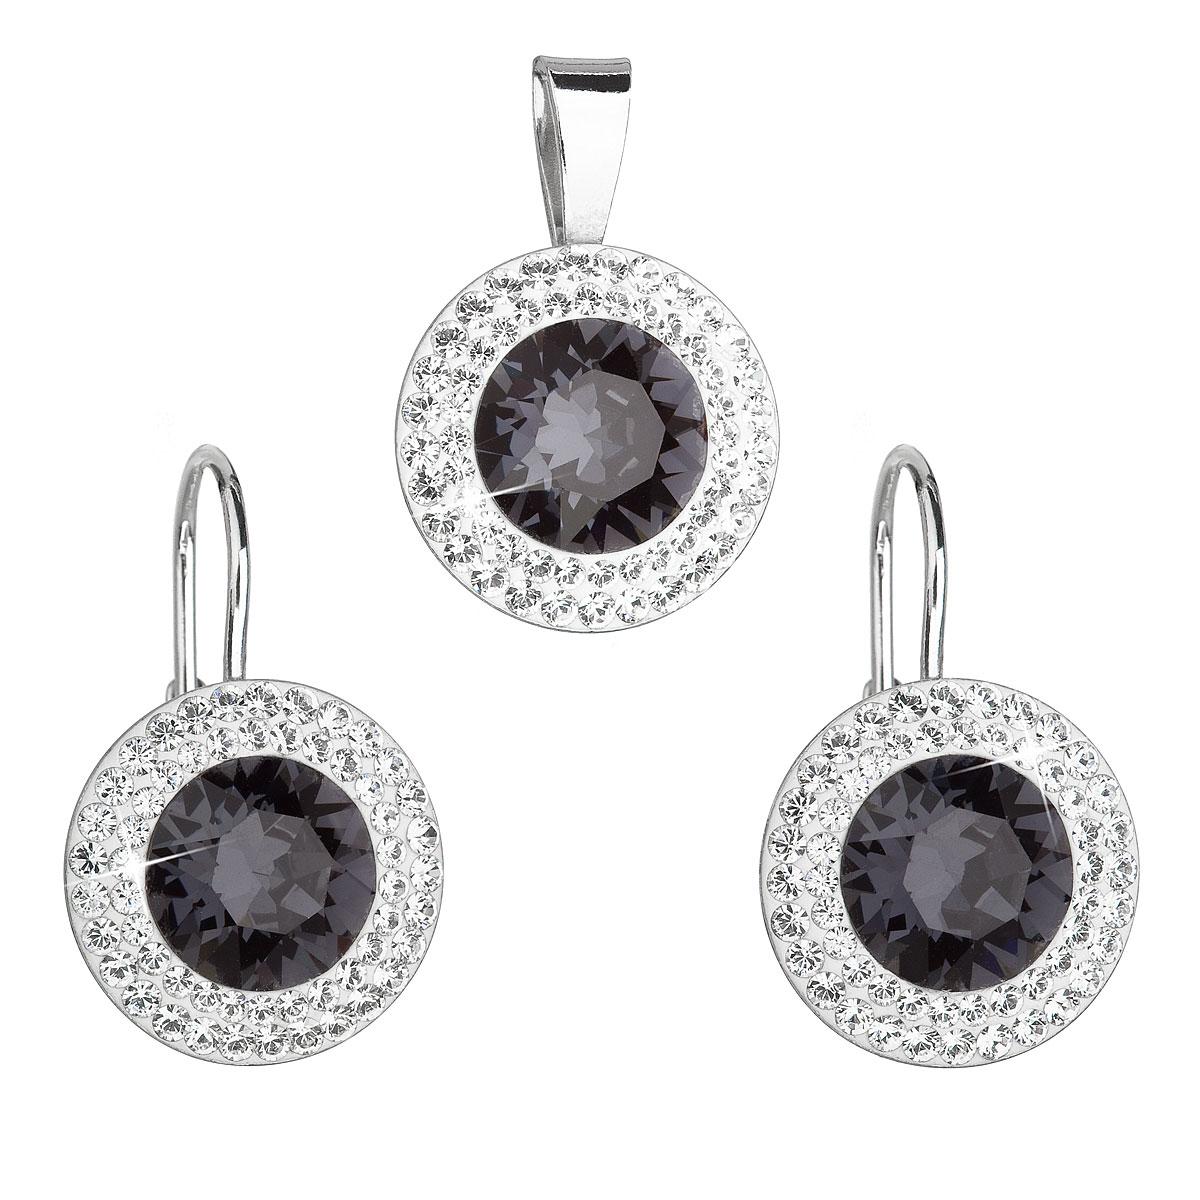 Sada šperkov s krištáľmi Swarovski náušnice a prívesok čierne okrúhle 39107.3